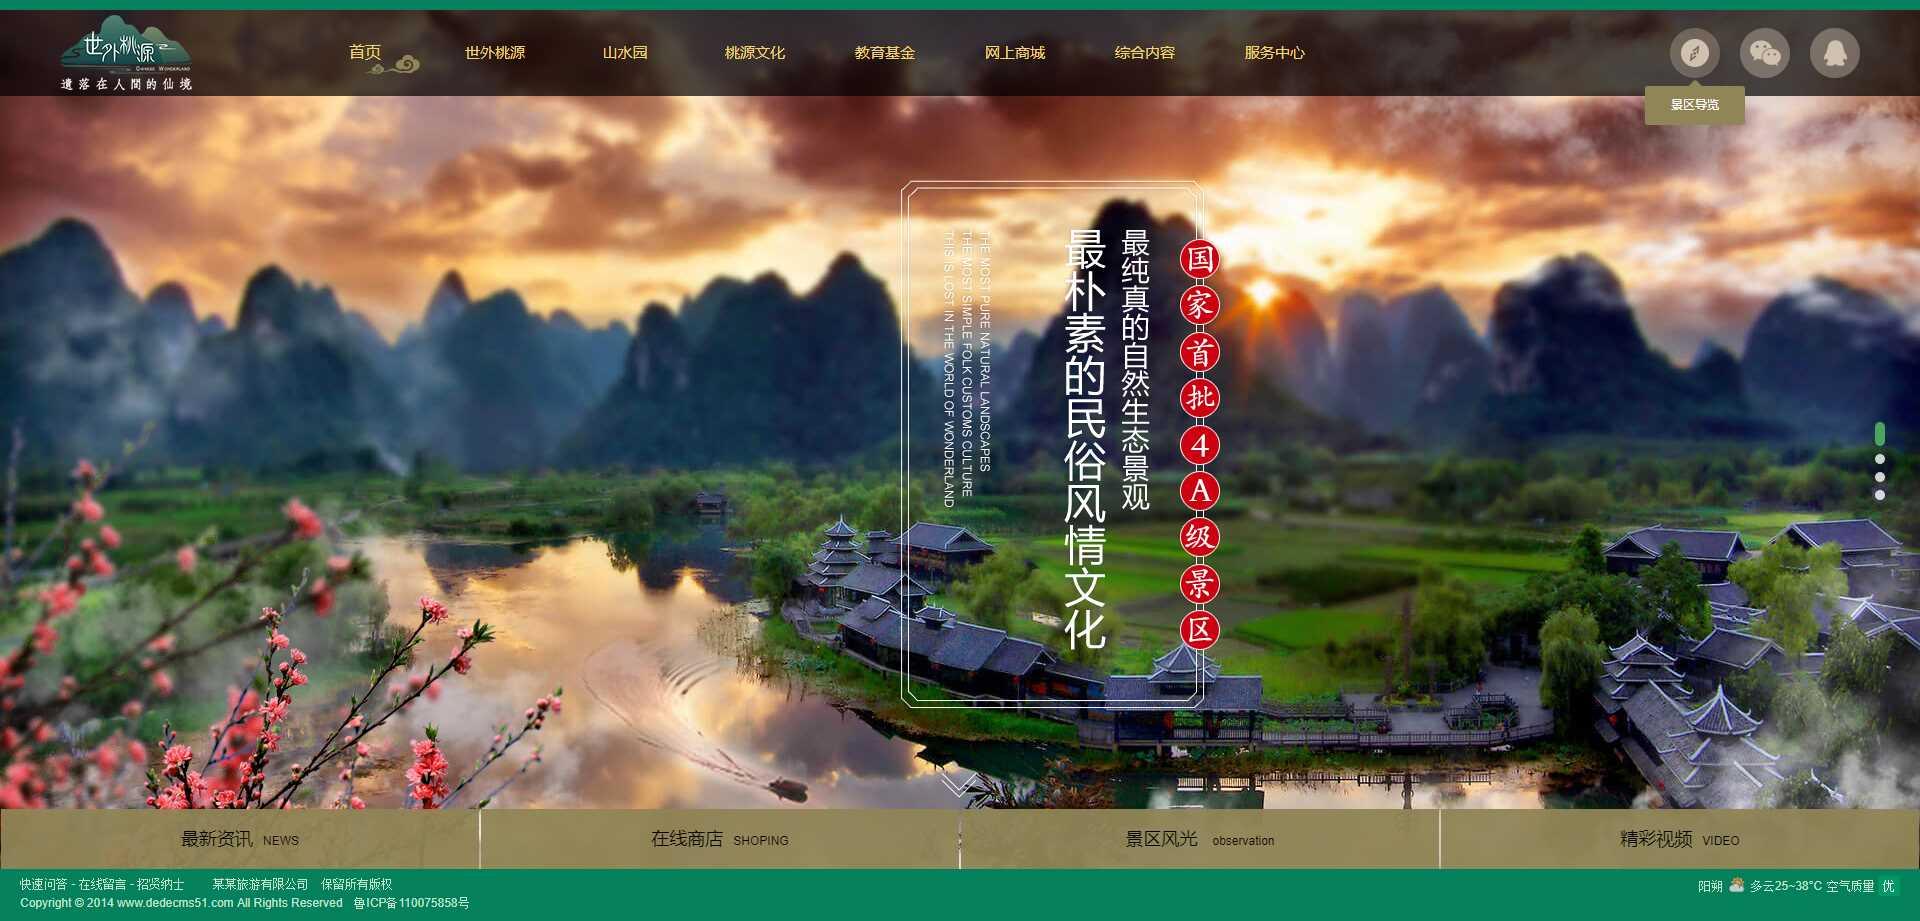 织梦旅游旅行景区企业网站类dede织梦模板下载源码分享[带移动手机端]插图